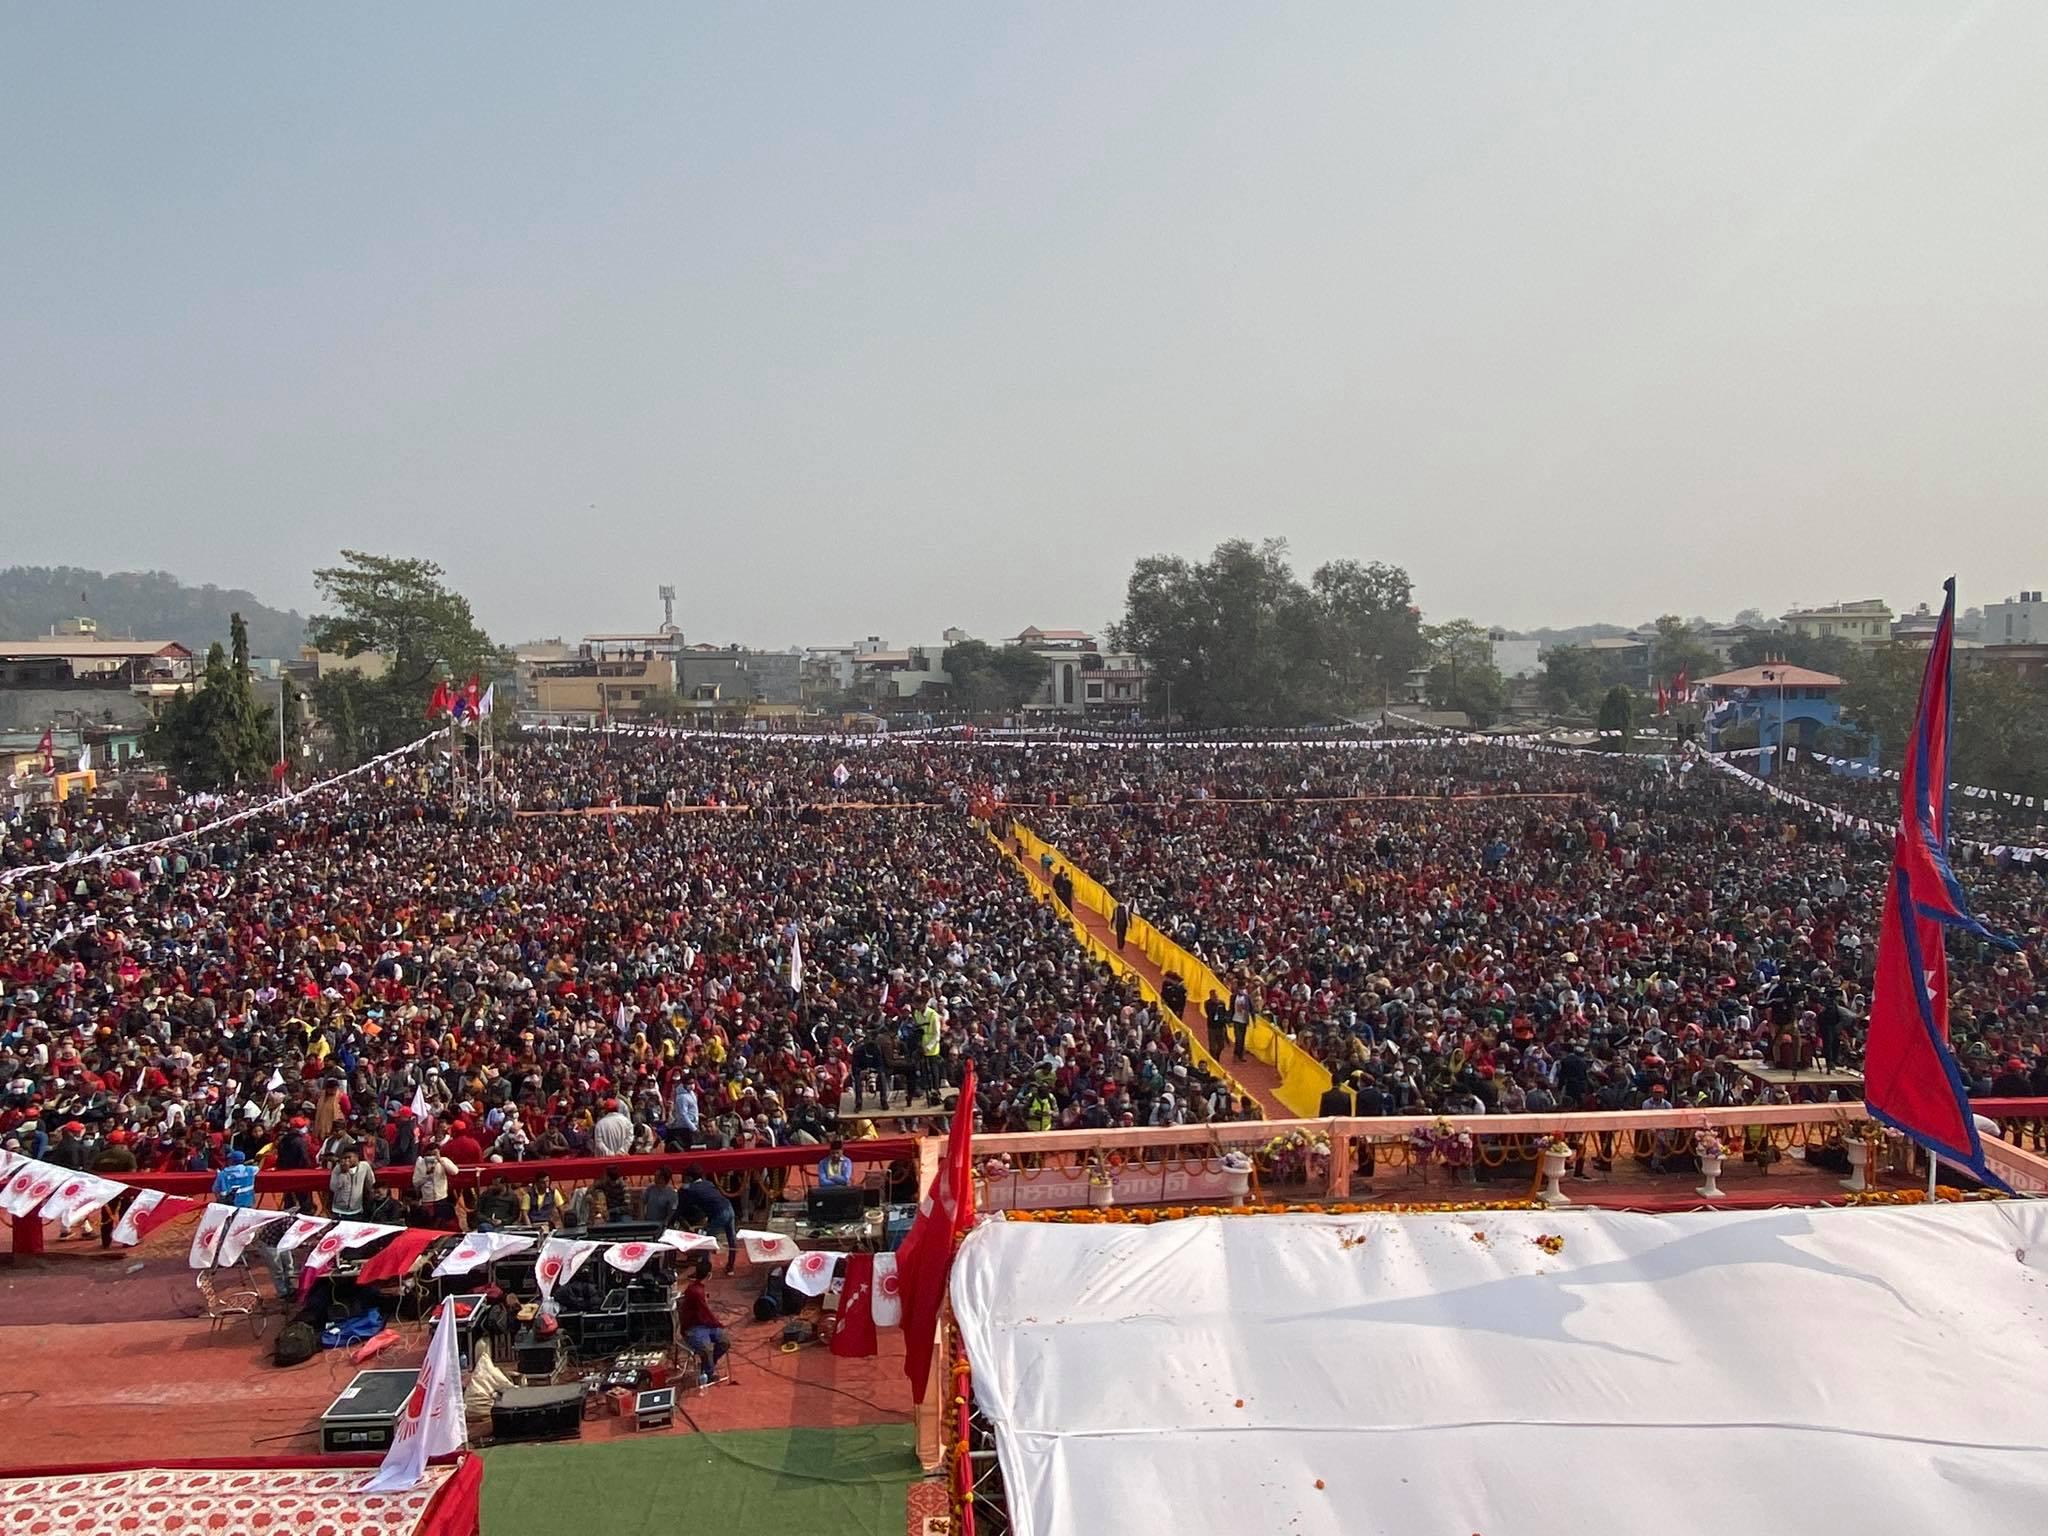 प्रधानमन्त्री ओलीको साथमा उभियो लुम्बिनी प्रदेश (फोटो फिचर)